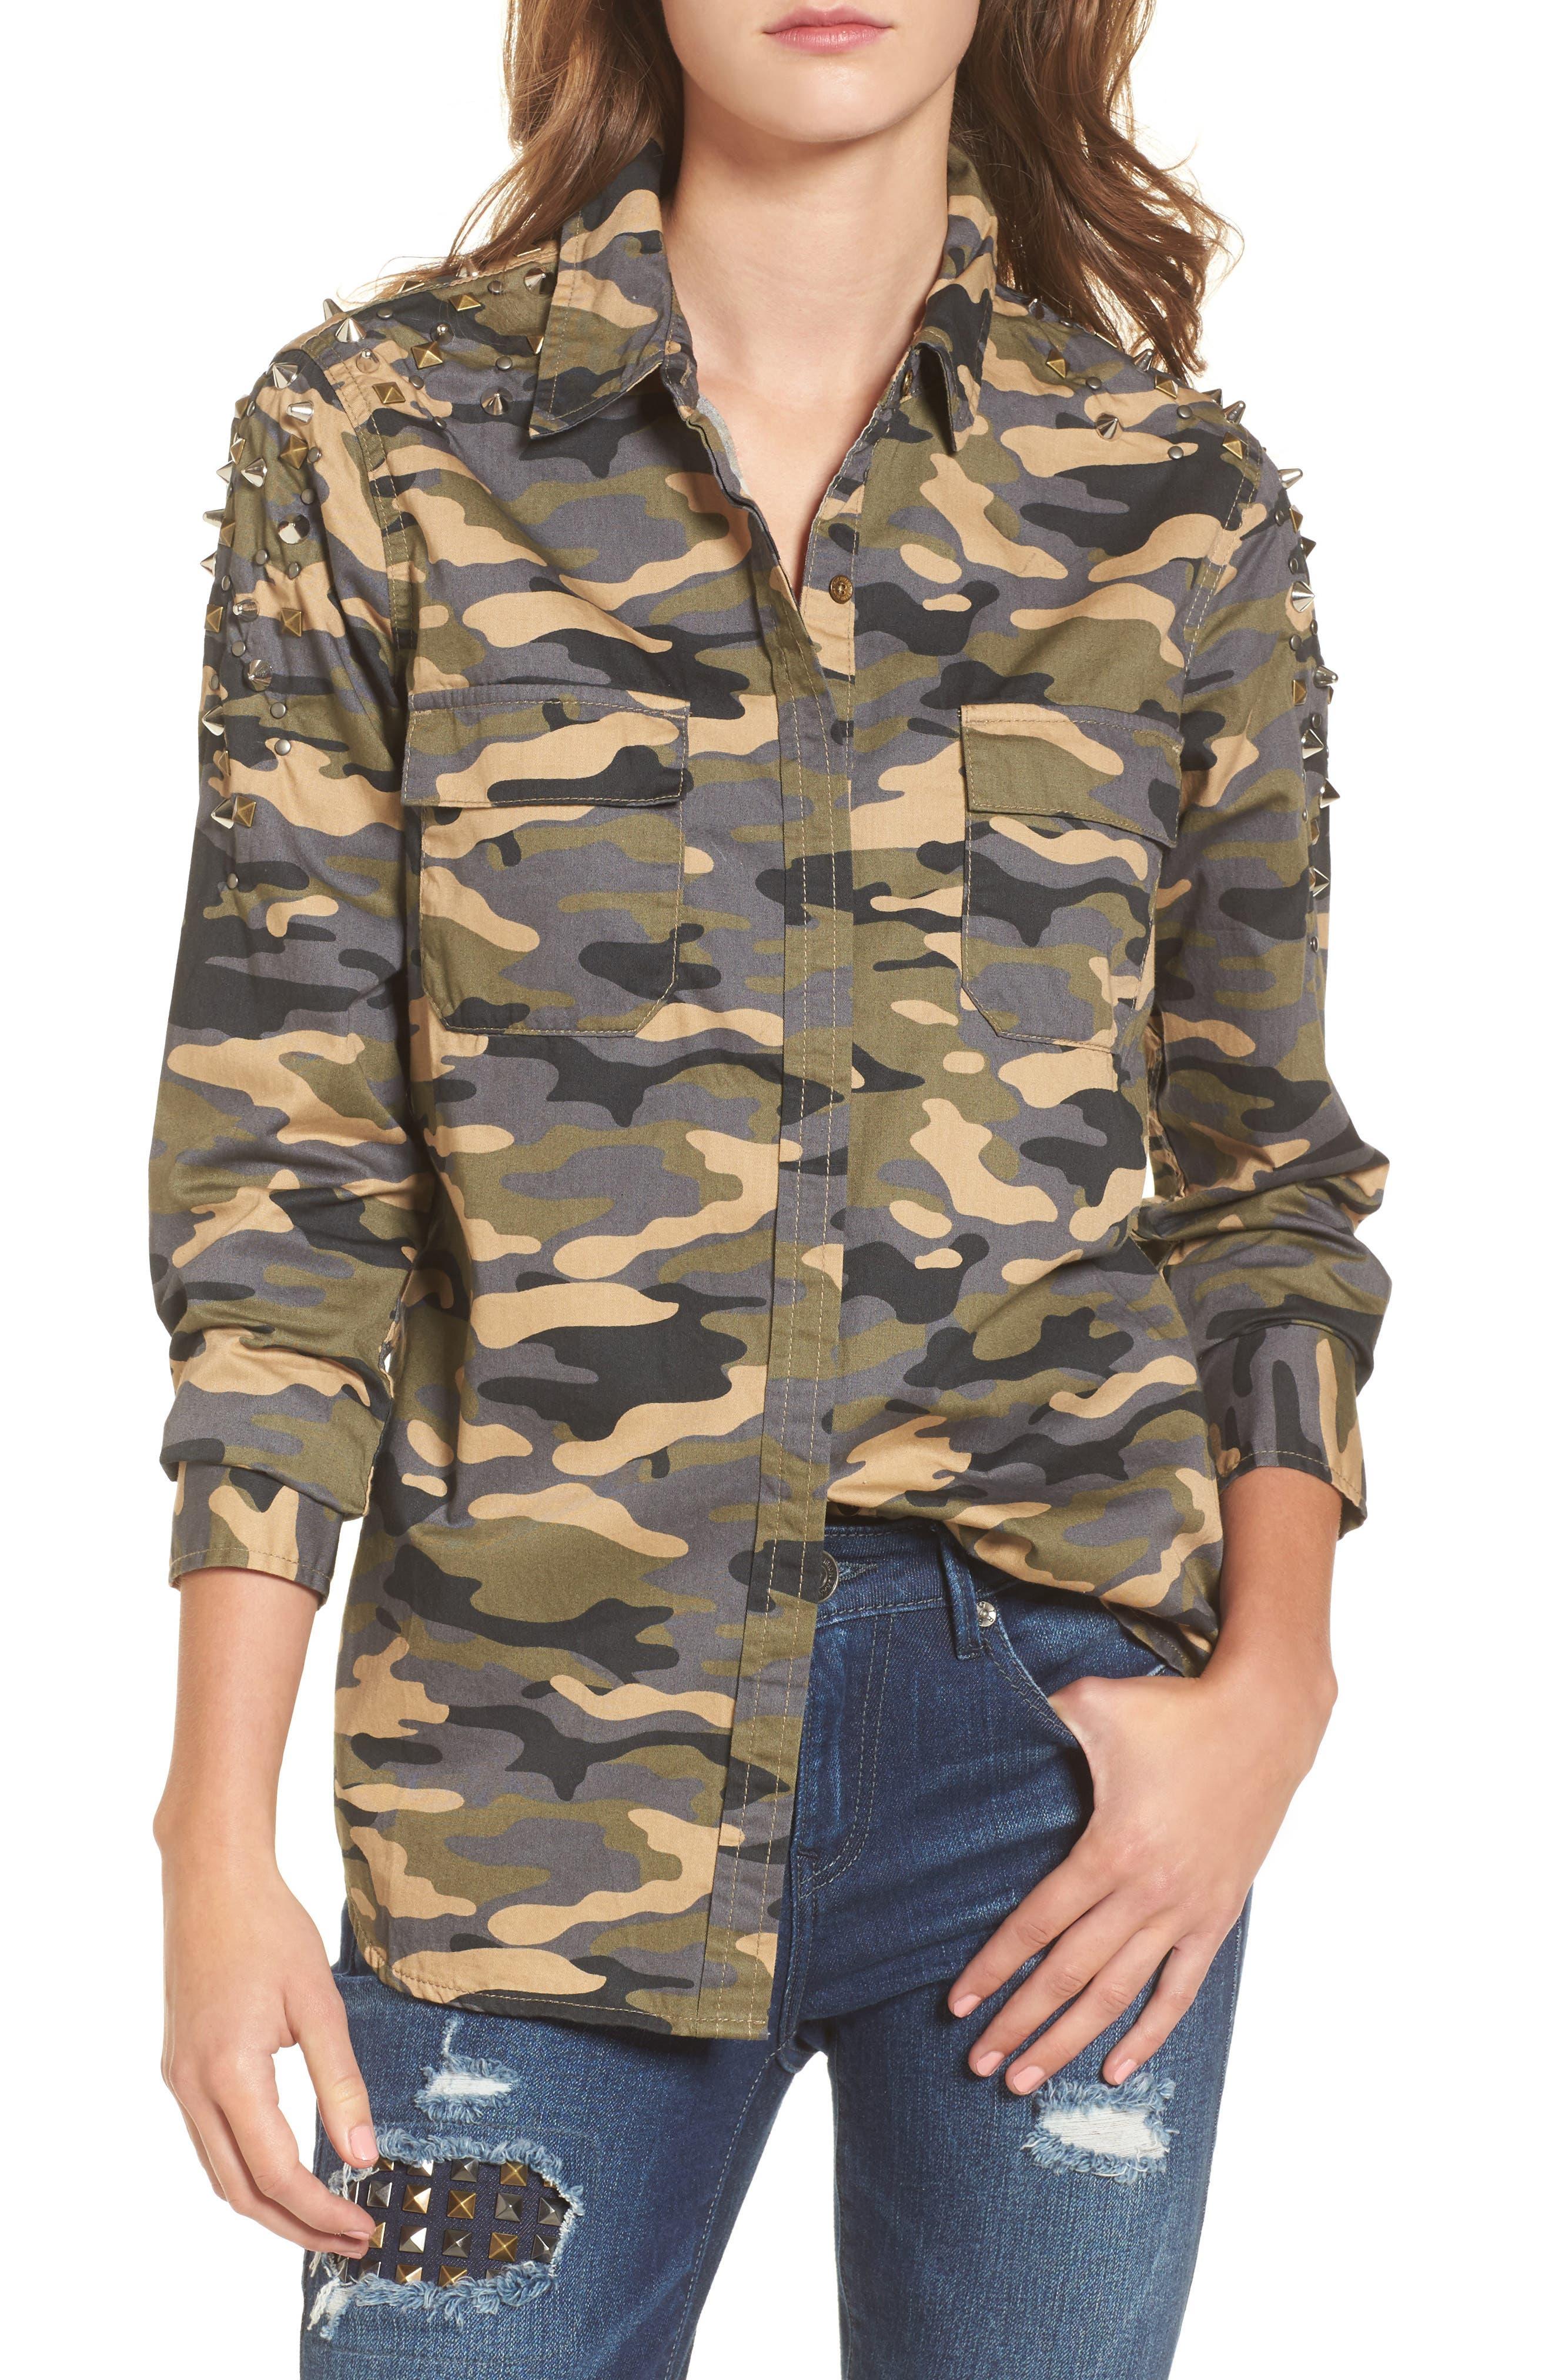 True Religion Brand Jeans Camo Utility Shirt